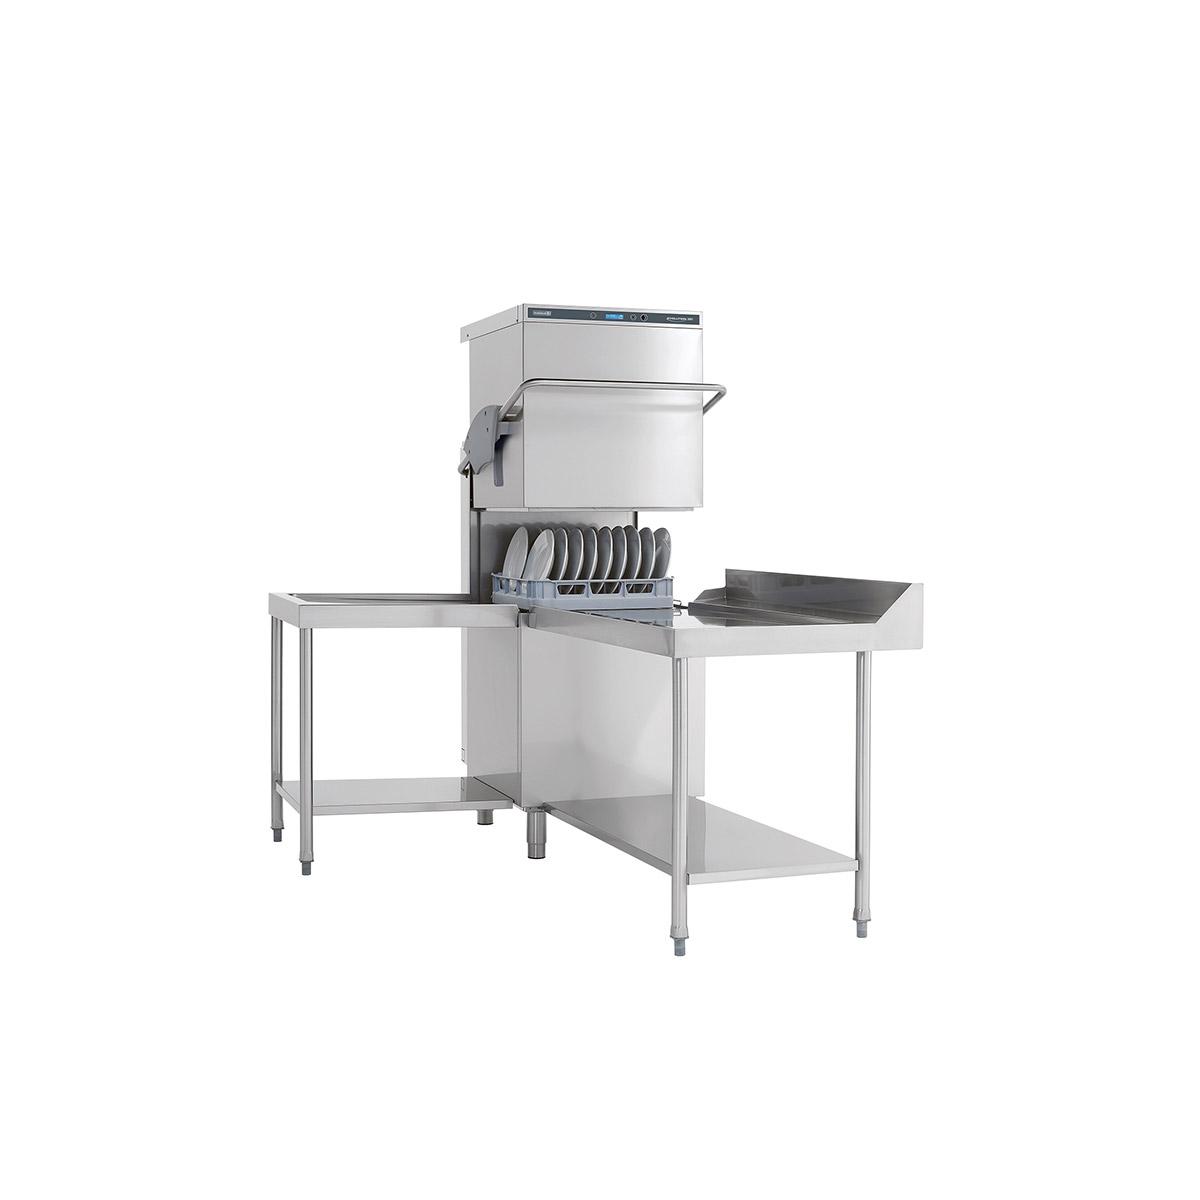 Maidaid Halcyon Evolution Passthrough Dishwasher EVO2021